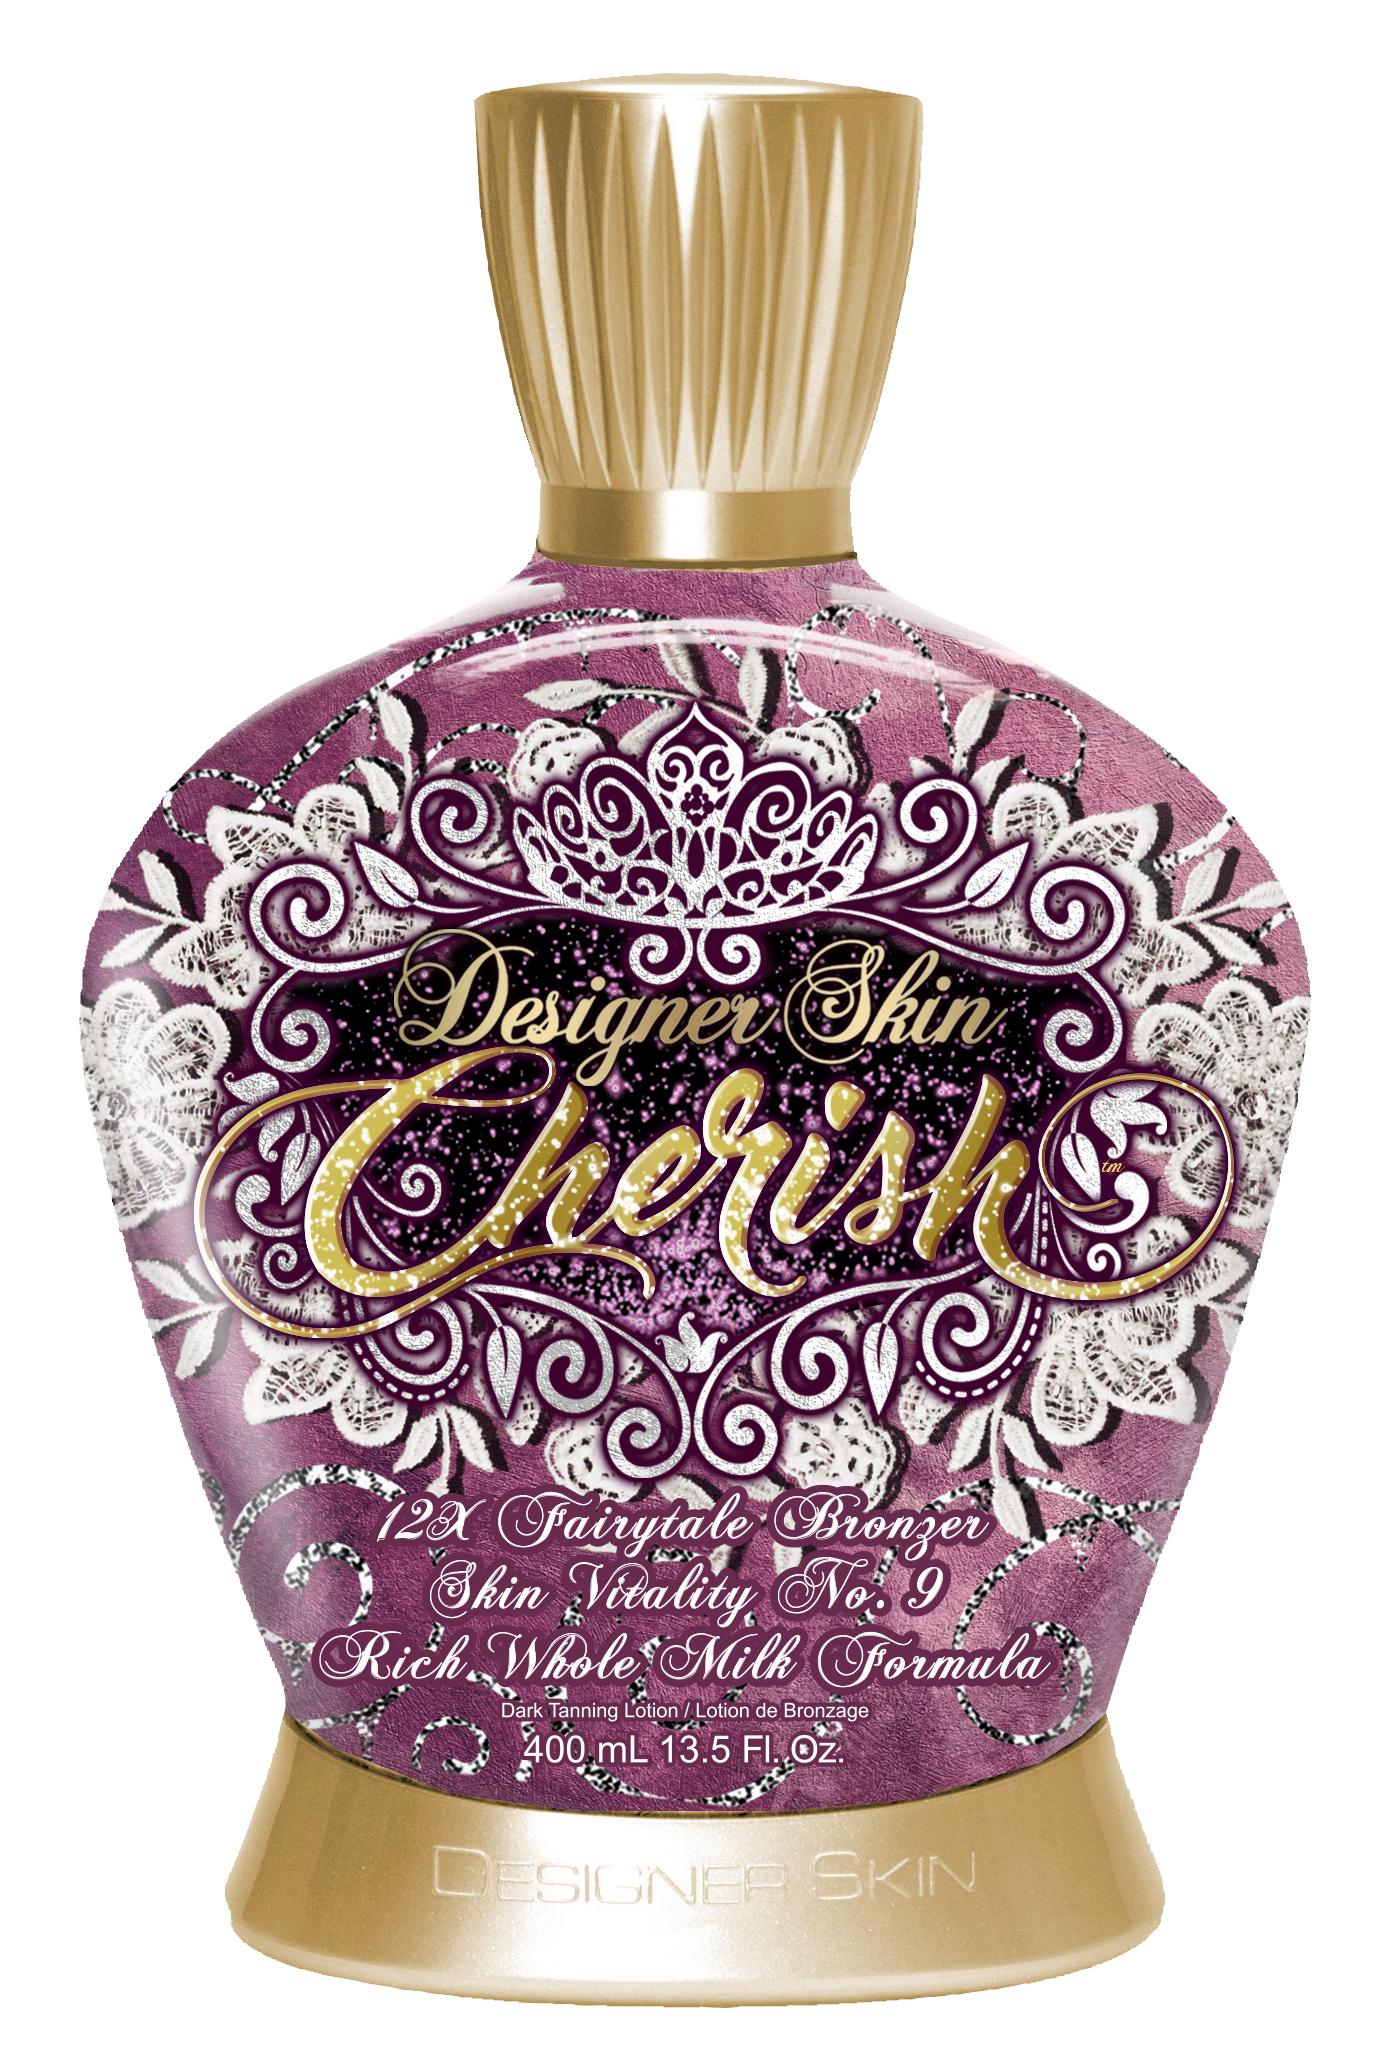 Designer Skin Cherish™ 12X Fairytale Bronzer